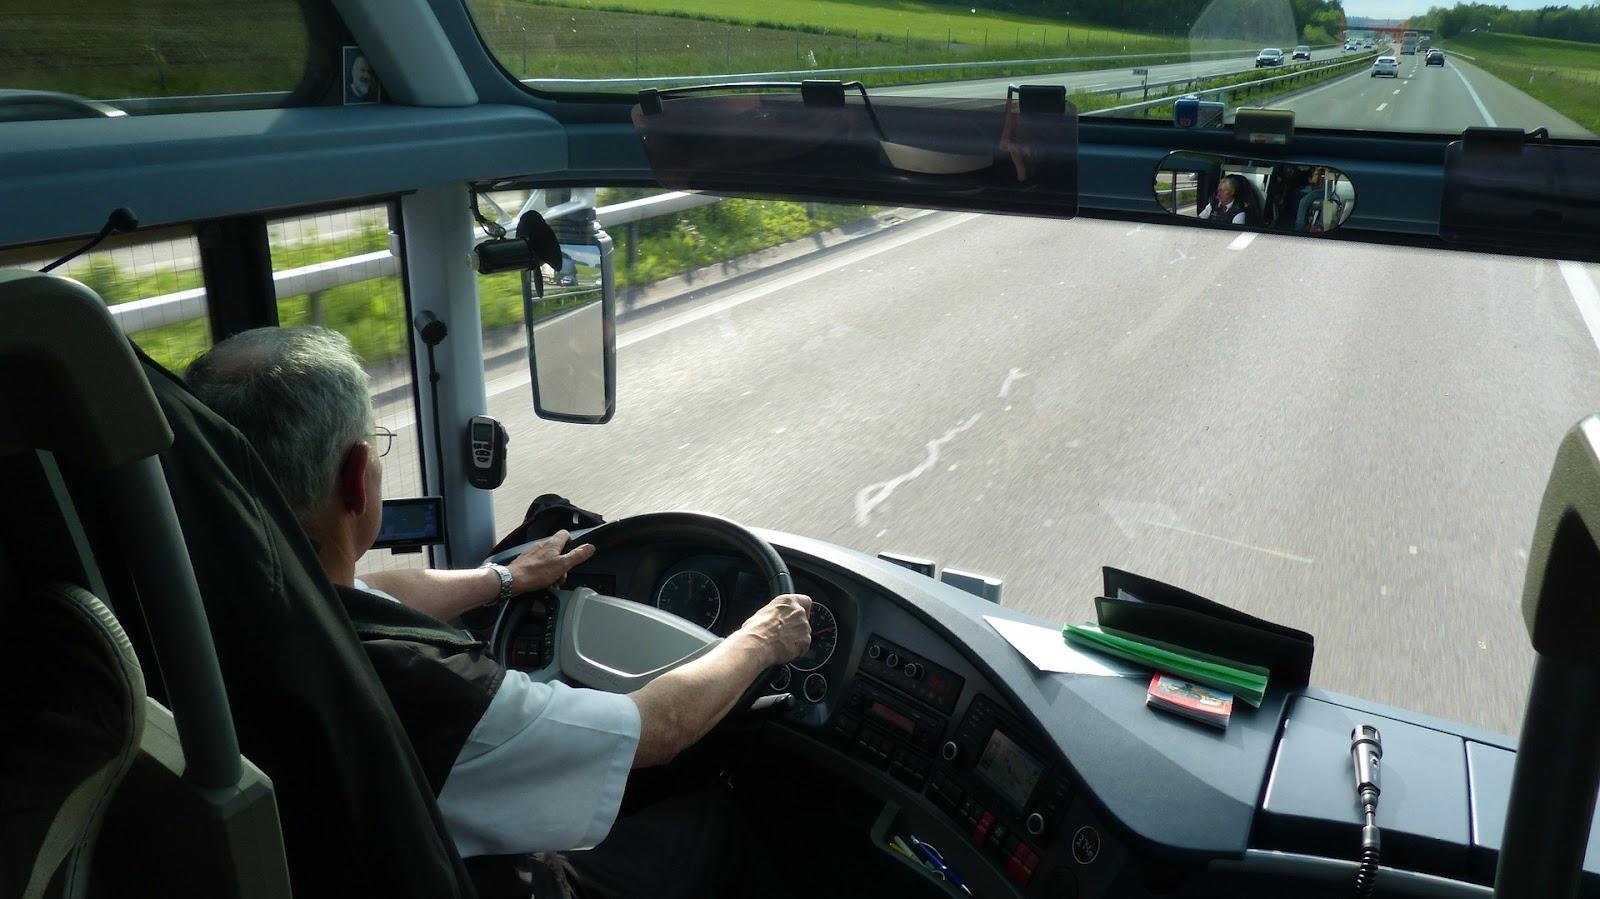 0VNNsXnFFBm3umGP00UMQEFZznW CBzduyBmlk5lkhCpVEaIVKSjPtybPAt9JIa6x6V2CE58WVBinU9nfUdy7XRY8zeOkJjZUY3T2jZOp2Ec9PdLS30fMoYquCqXdUV09kI72qns - Dlaczego jazda autokarem jest bezpieczniejsza od podróży autem?